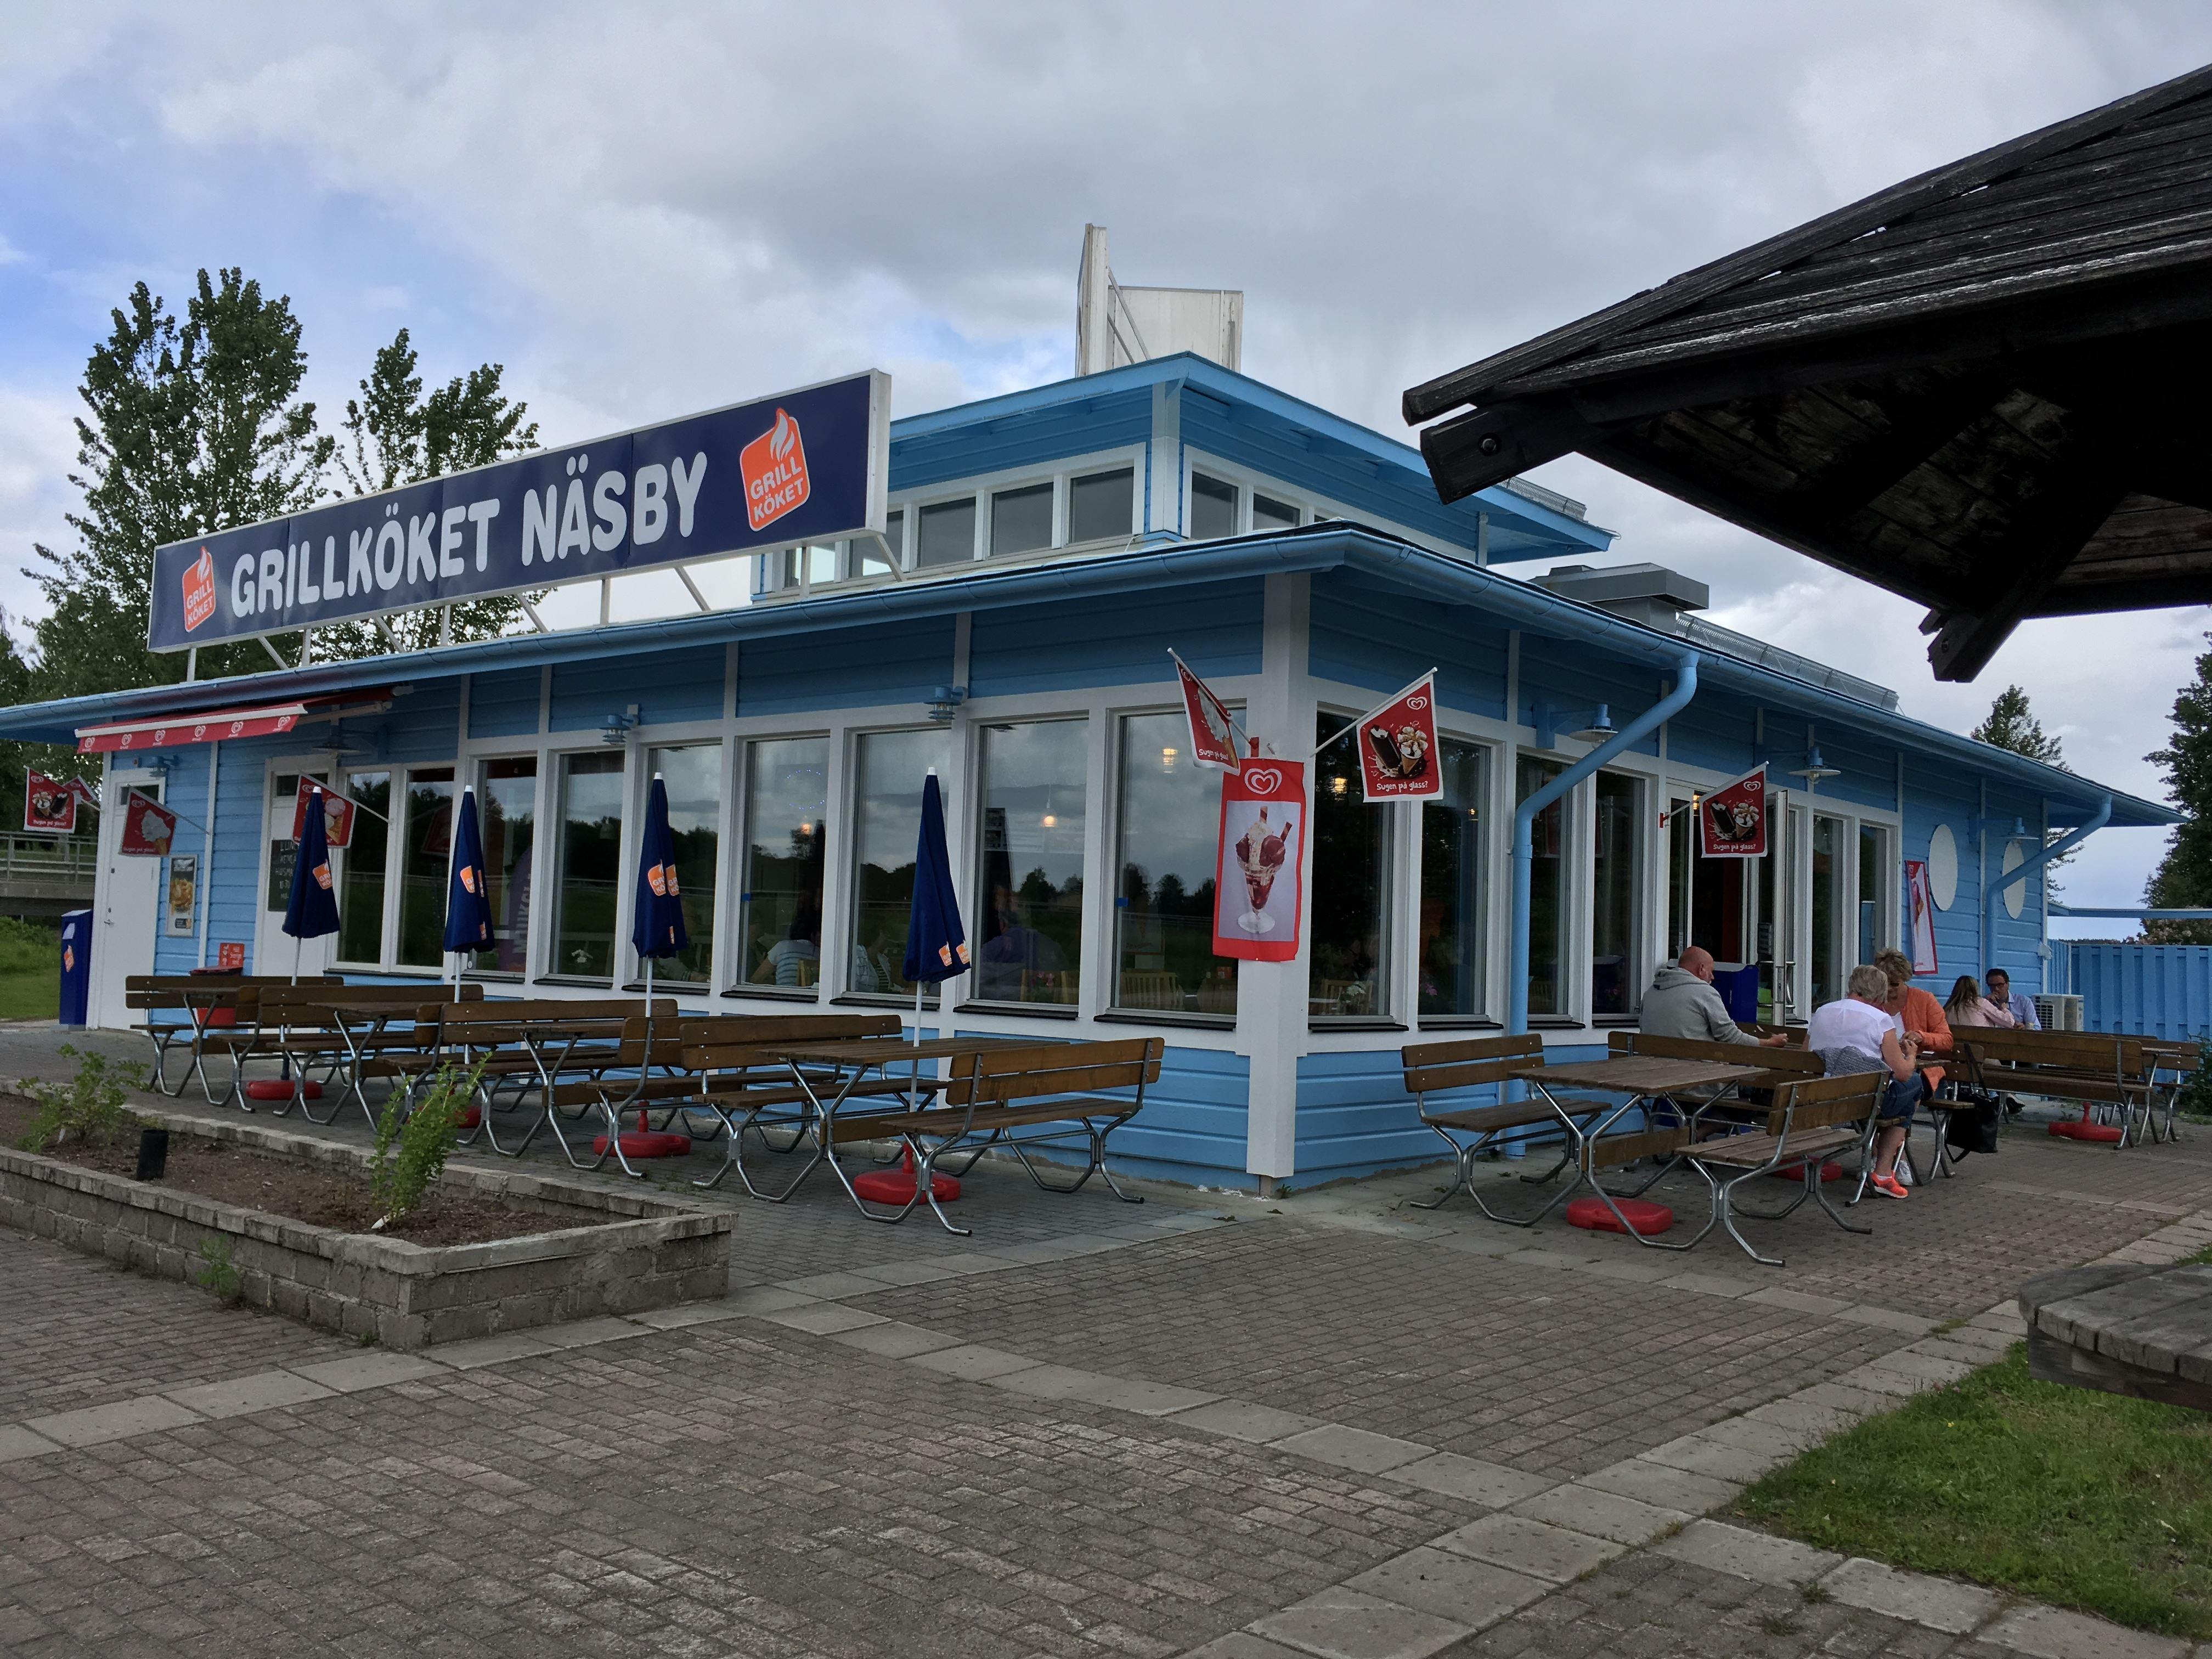 Grillköket Näsby